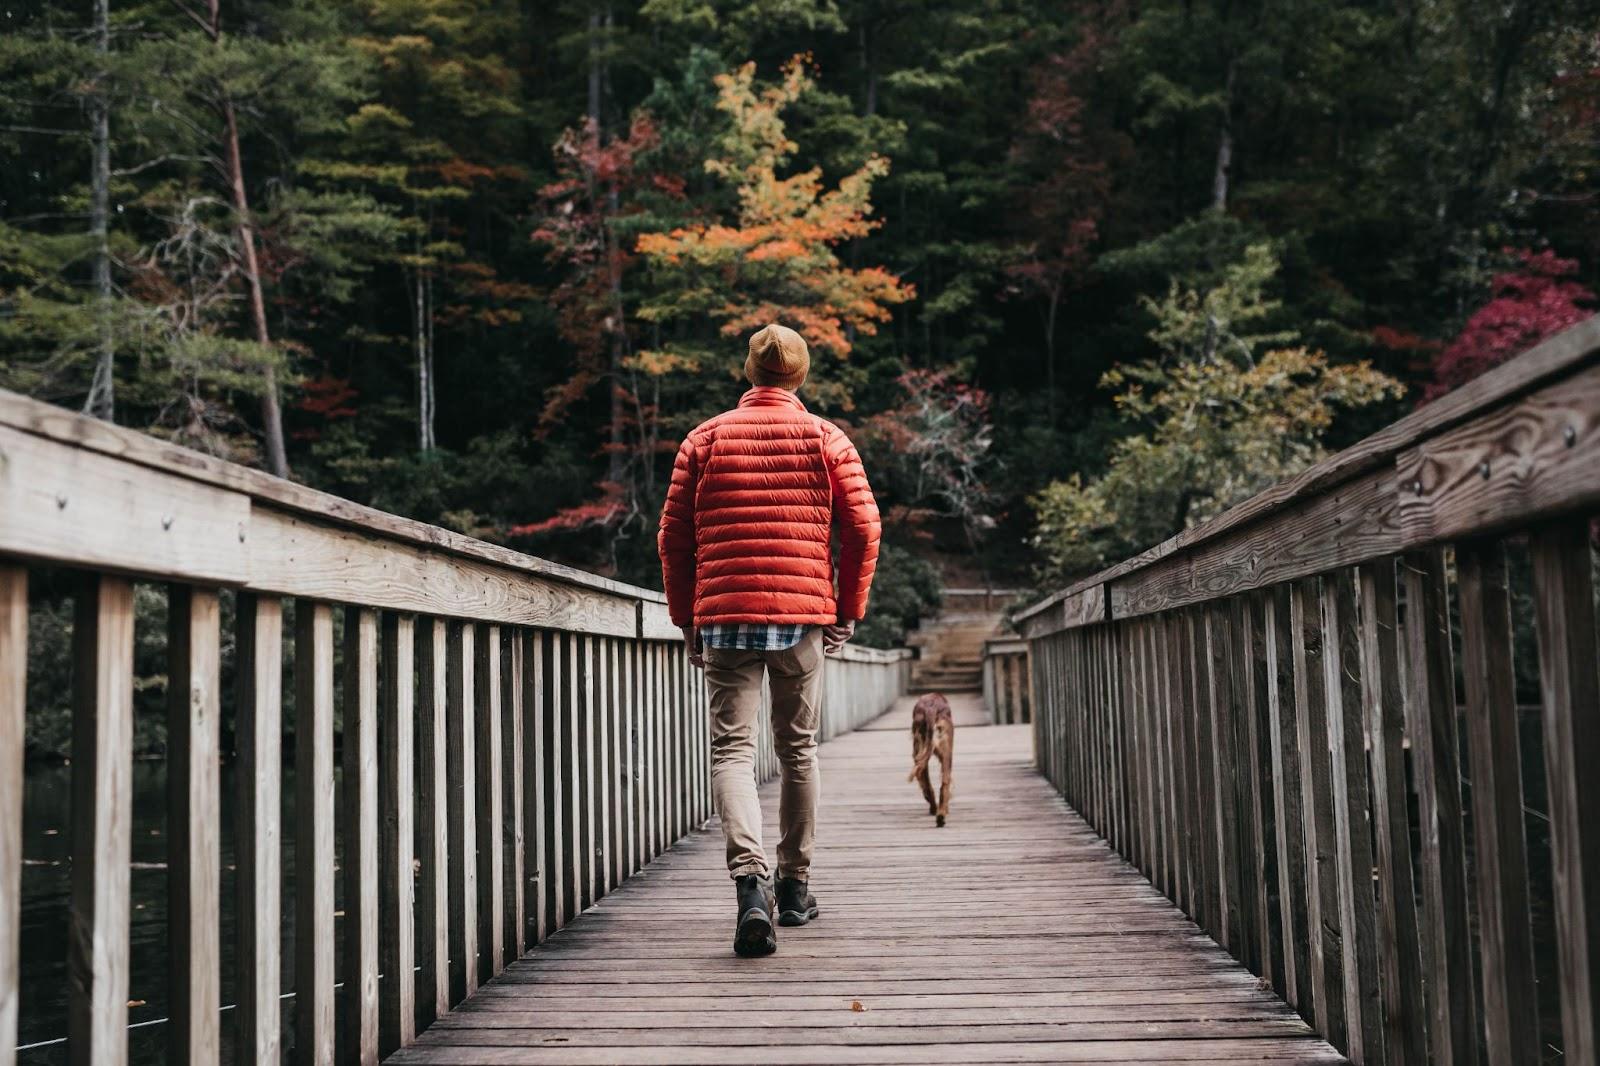 nd dog walking across bridge